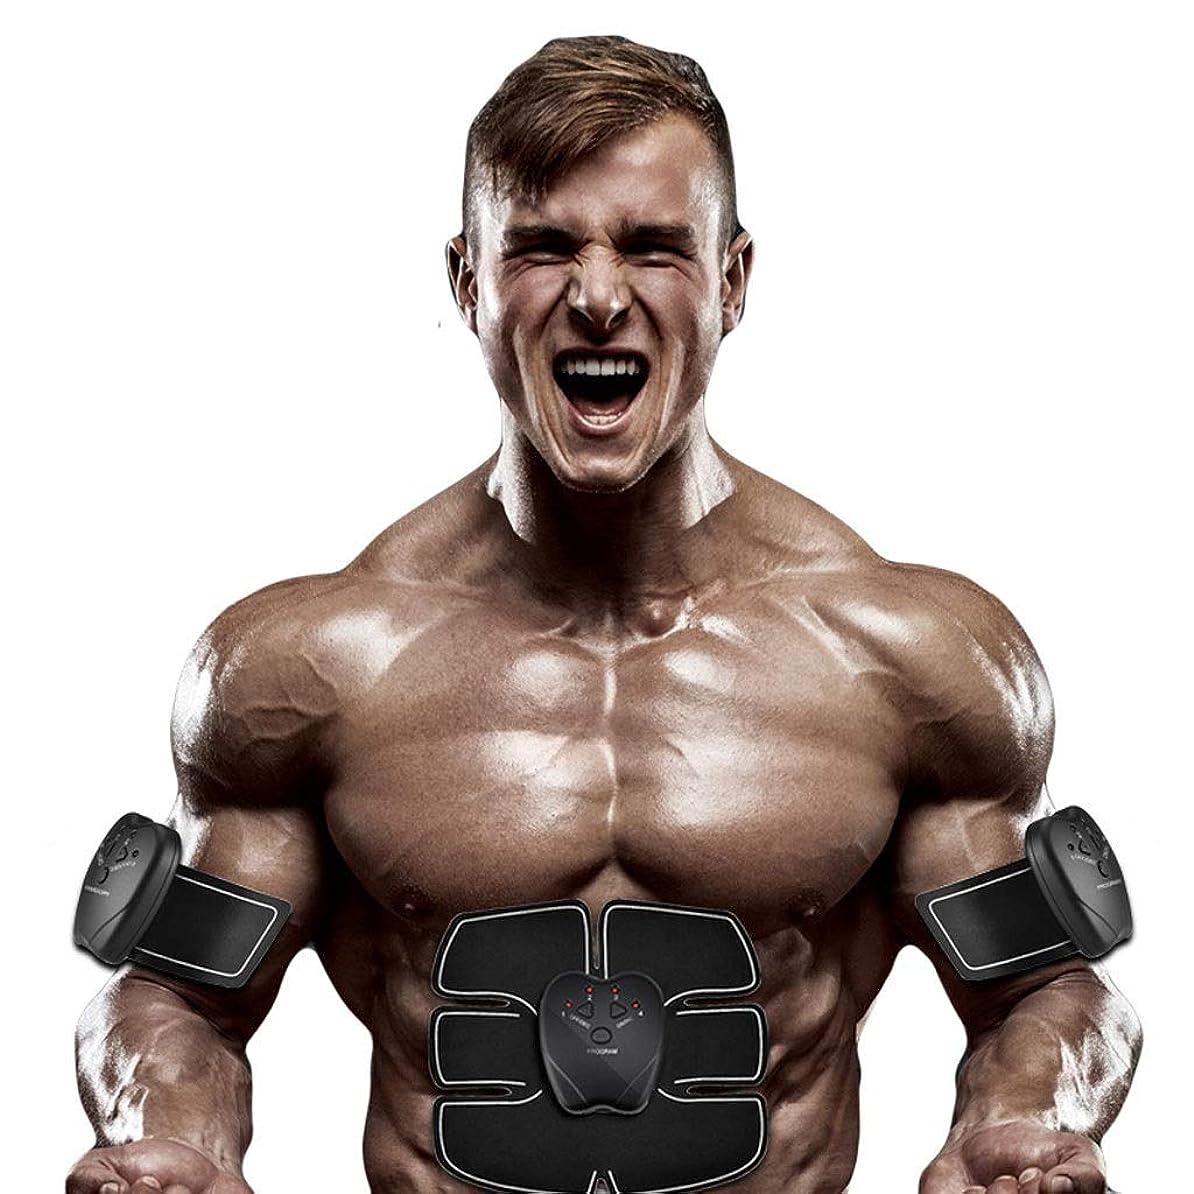 先住民逆さまにこれまで腹部刺激、腹部調色ベルト、マッスルトナー、ポータブルマッスルトレーナー、ボディマッスルフィットネストレーナー腹部腕用トレーニング